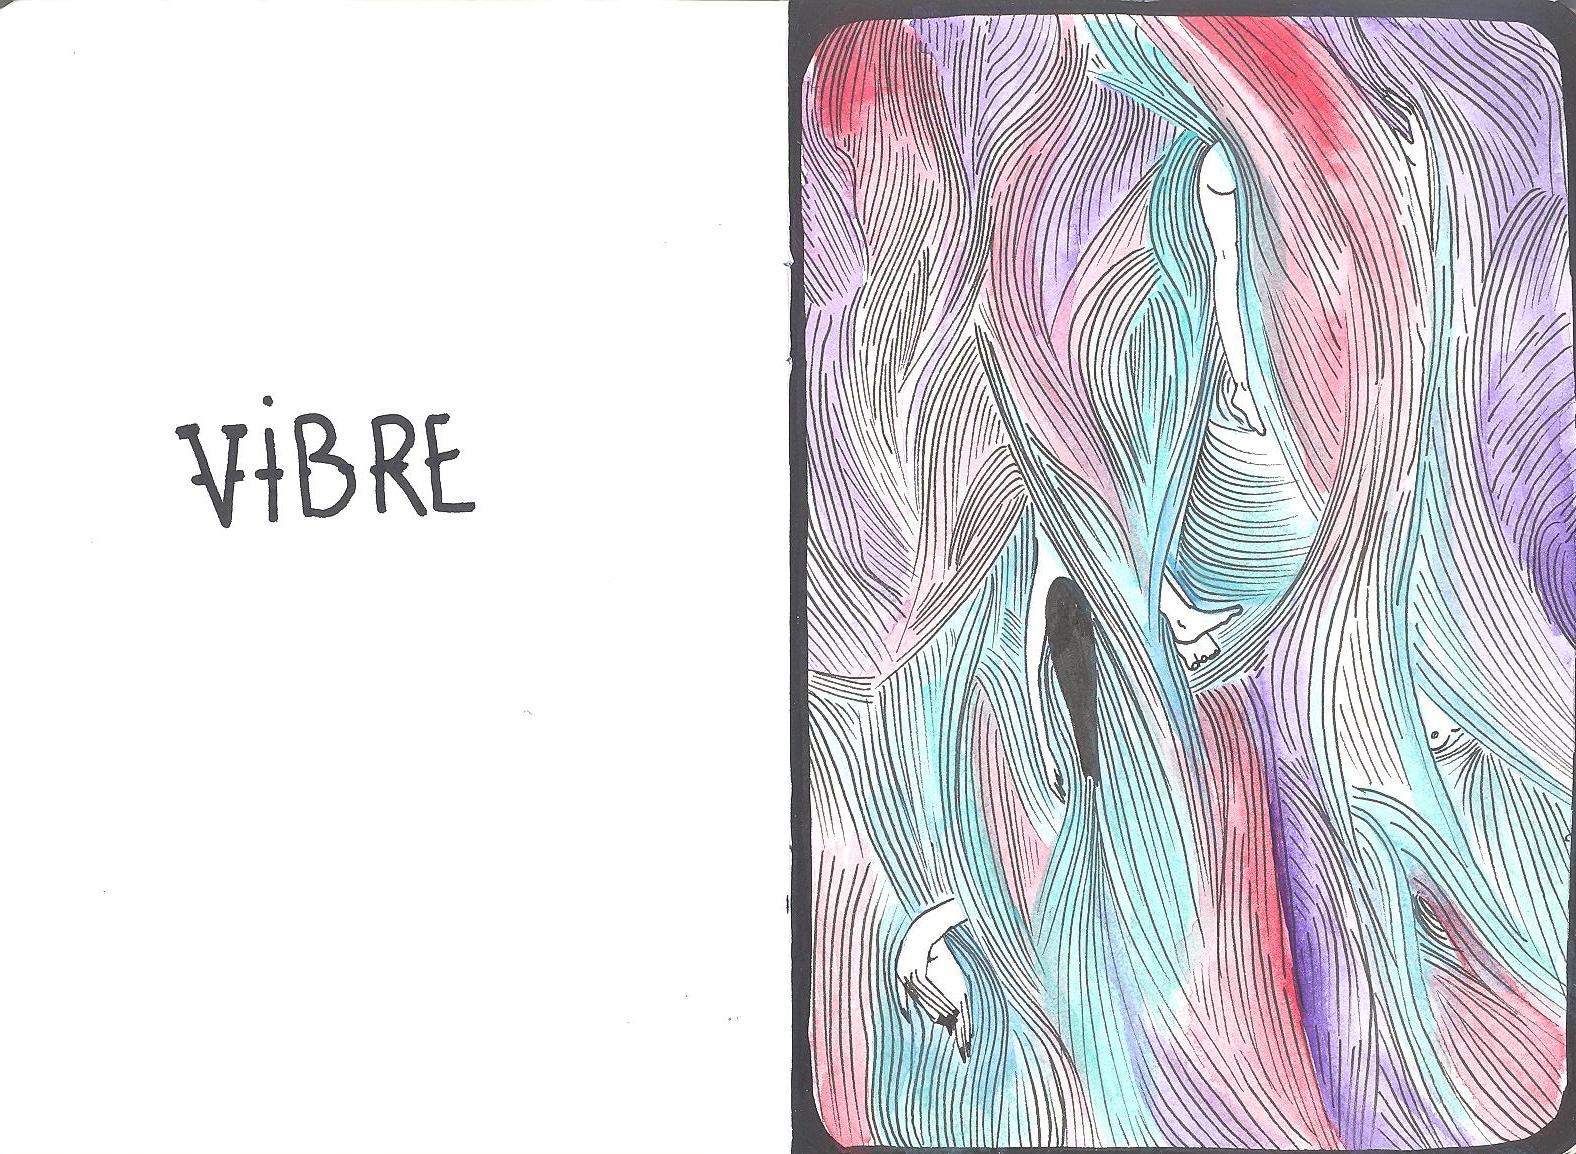 """Sur la gauche, un mot : """"vibre"""". Sur la droite, un cadre noir dans lequel s'entrelacent des centaines de lignes qui forment des vagues, ou des cheveux ou... les couleurs se mêlent aux lignes et au détour d'une courbe n voit, parsemés par-ci, par là, des bouts de corps."""